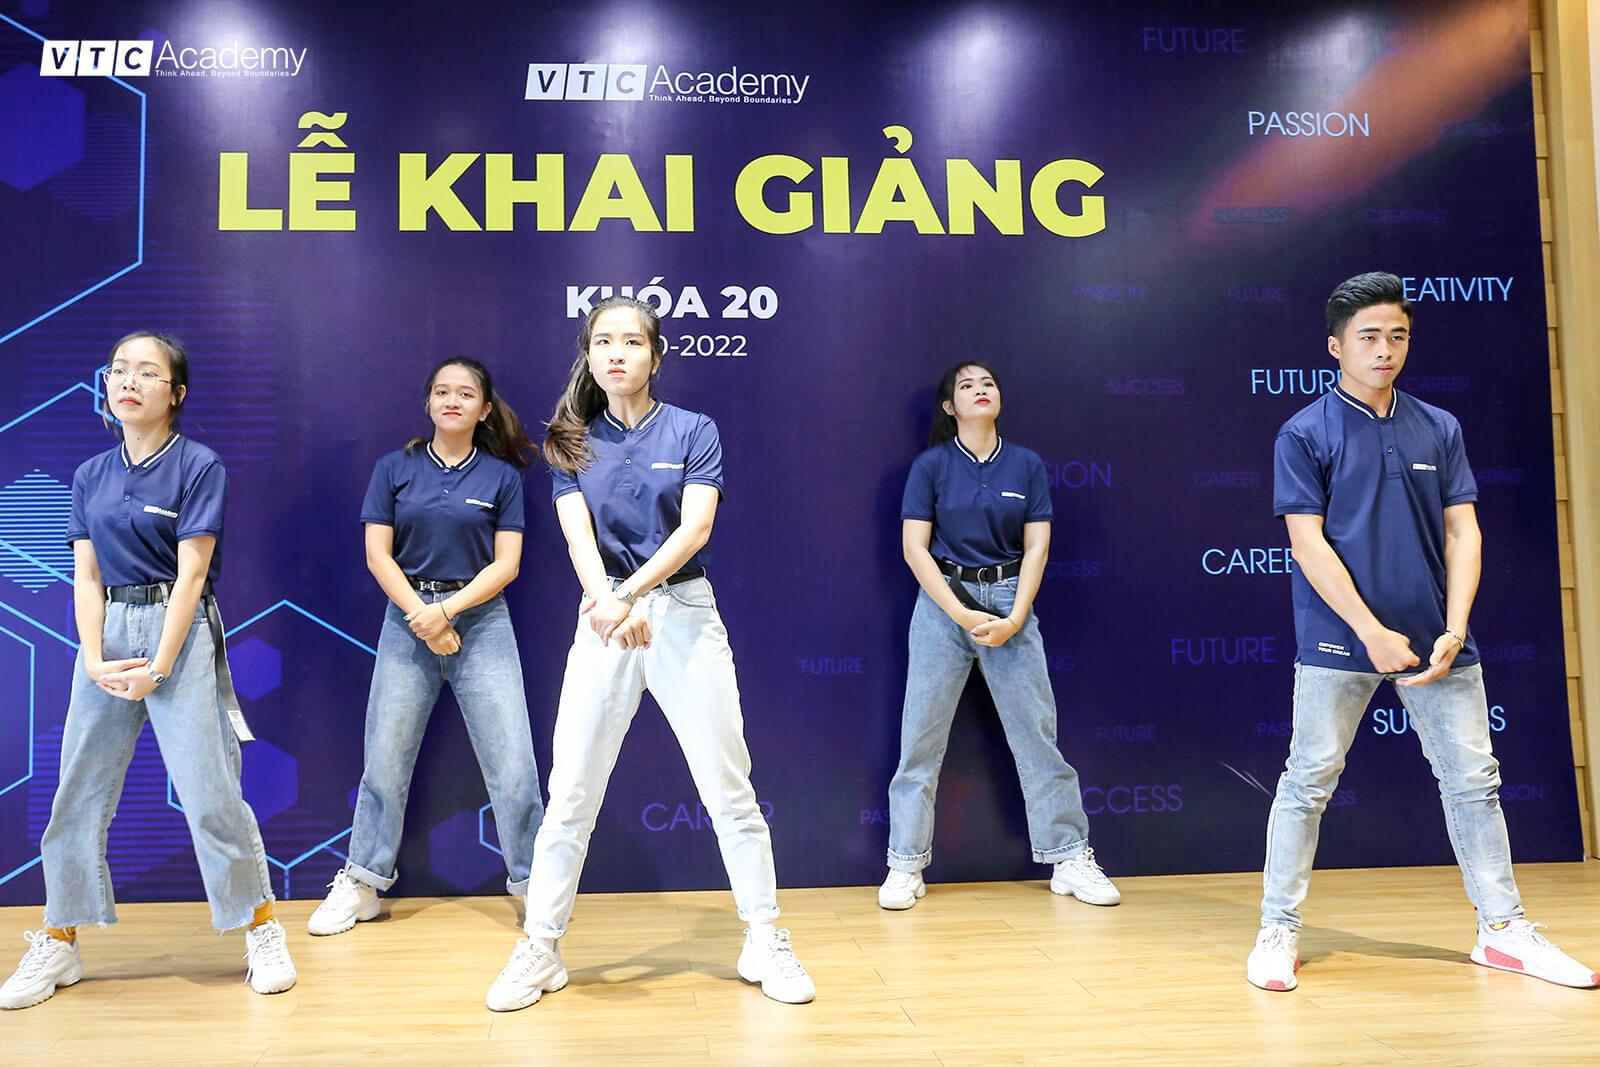 khai-giang-vtc-academy-11